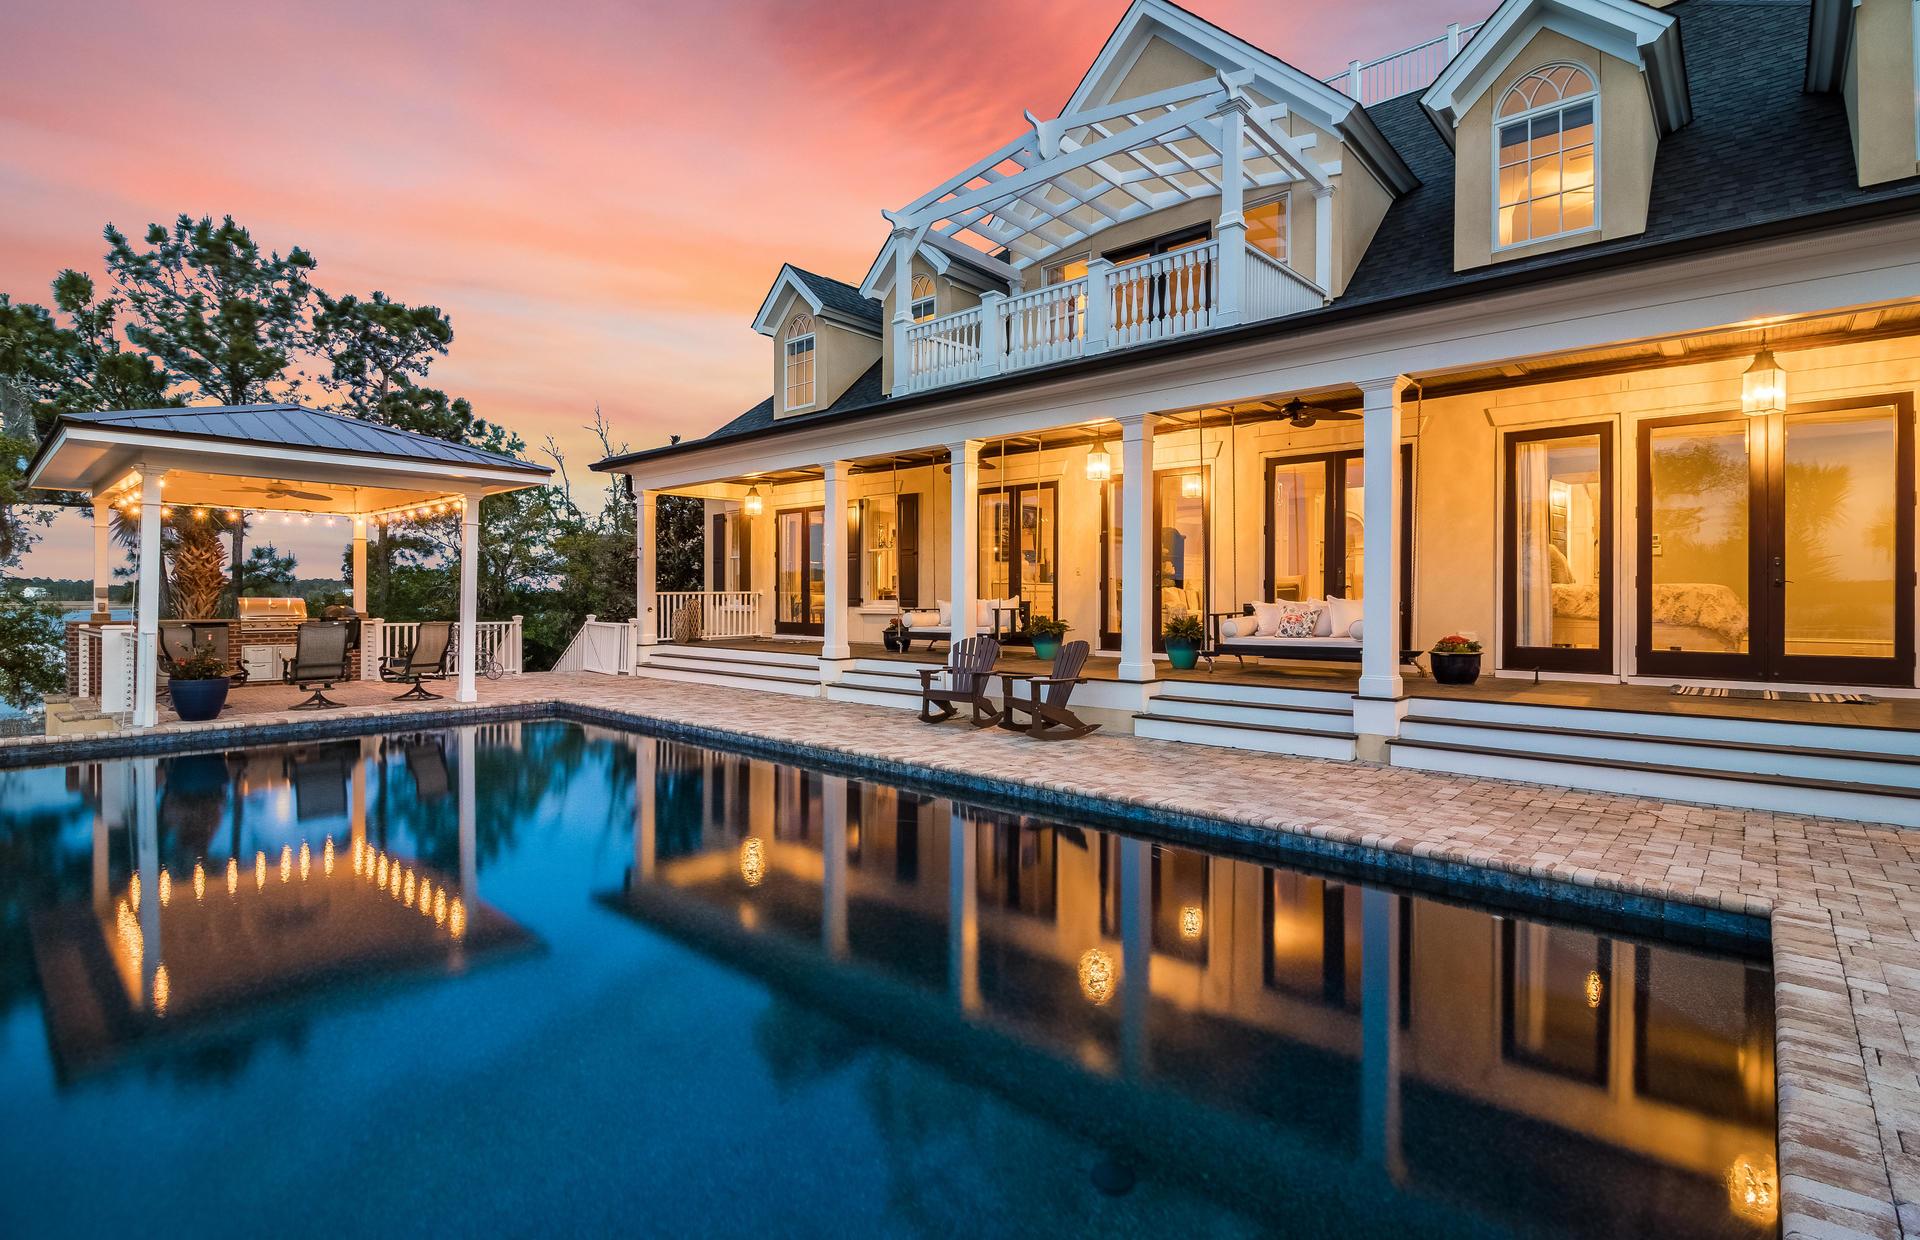 Park West Homes For Sale - 3885 Ashton Shore, Mount Pleasant, SC - 5